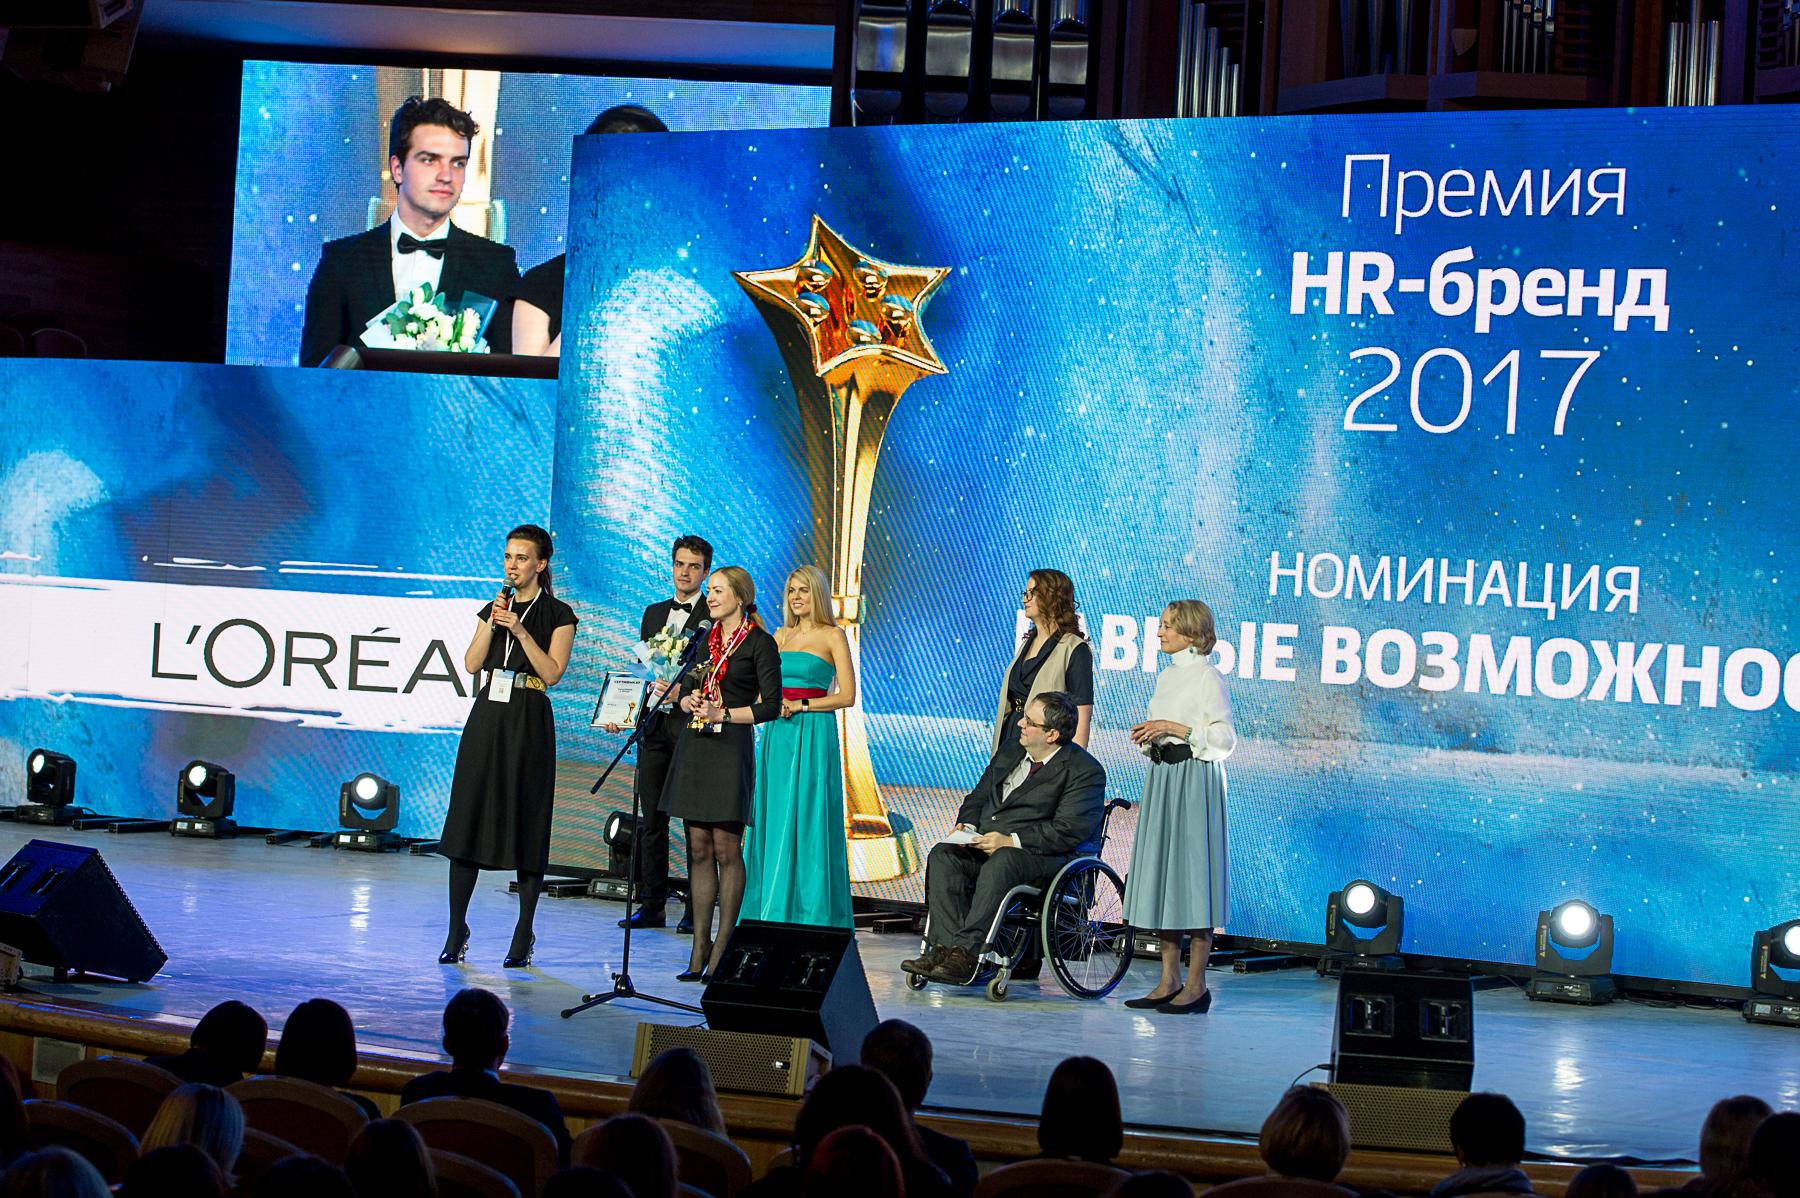 «Премия HR-бренд»: а судьи кто?